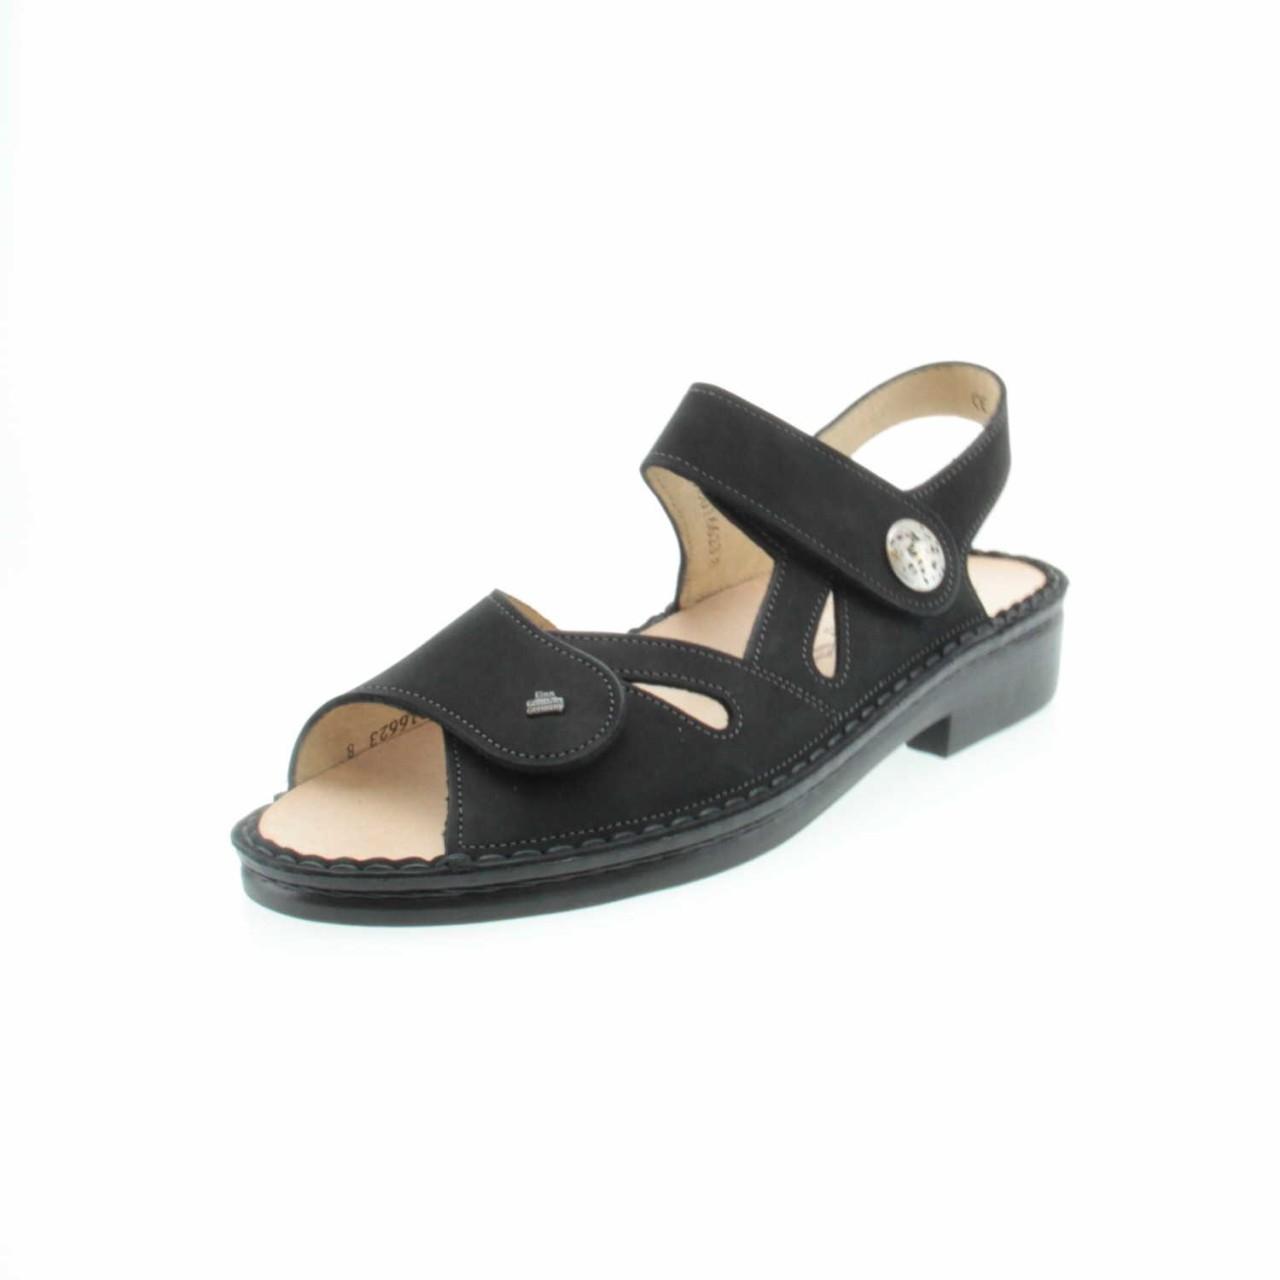 Finn Comfort Klassische Sandalen schwarz schwarz schwarz